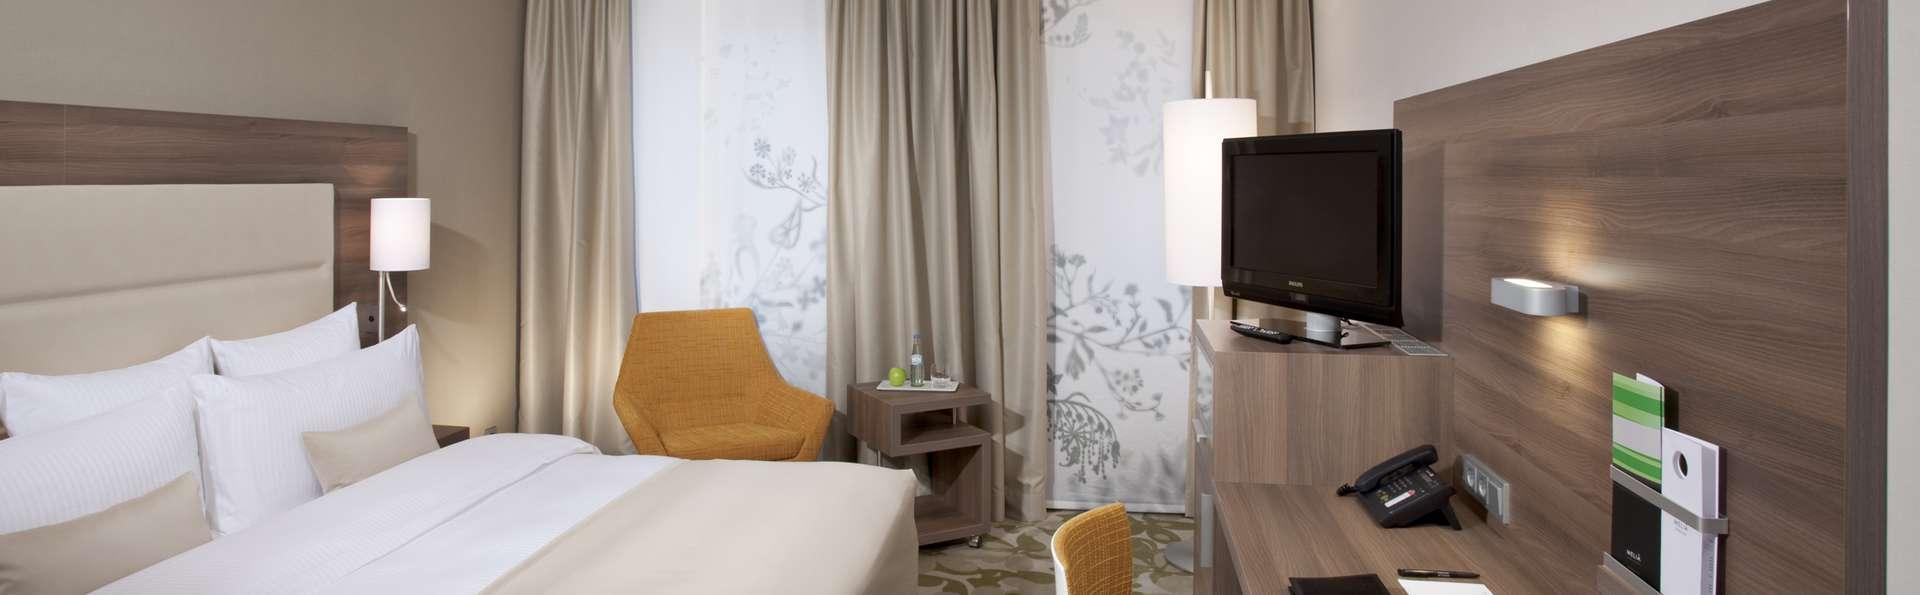 melia dusseldorf 4 d sseldorf duitsland. Black Bedroom Furniture Sets. Home Design Ideas